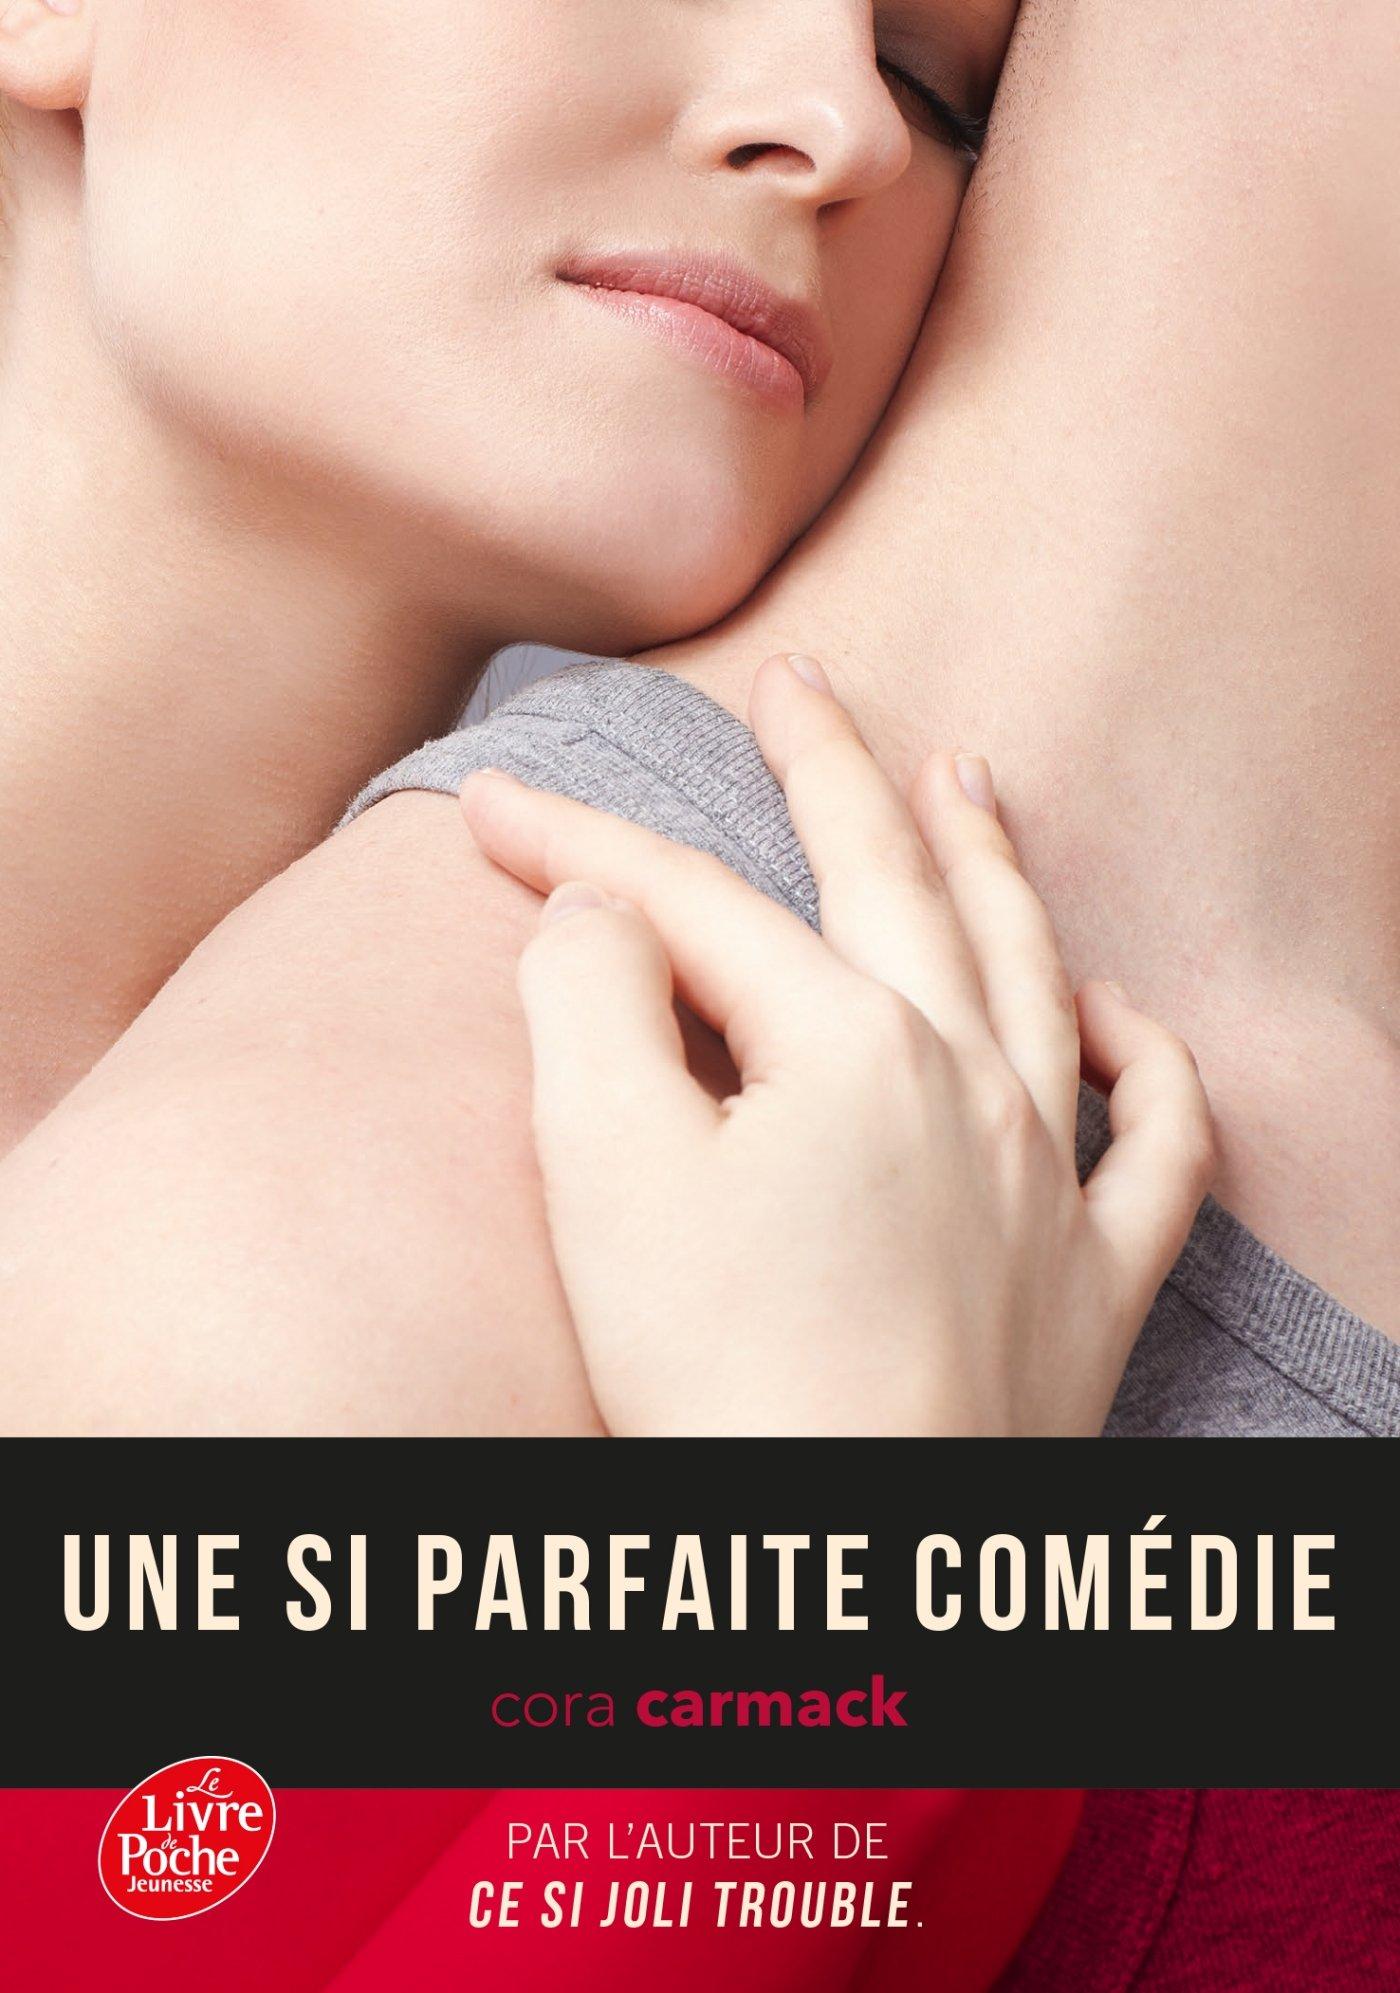 Une si parfaite comédie - Tome 2: Ce si joli trouble: Amazon.fr: Cora  Carmack, Sophie Passant: Livres